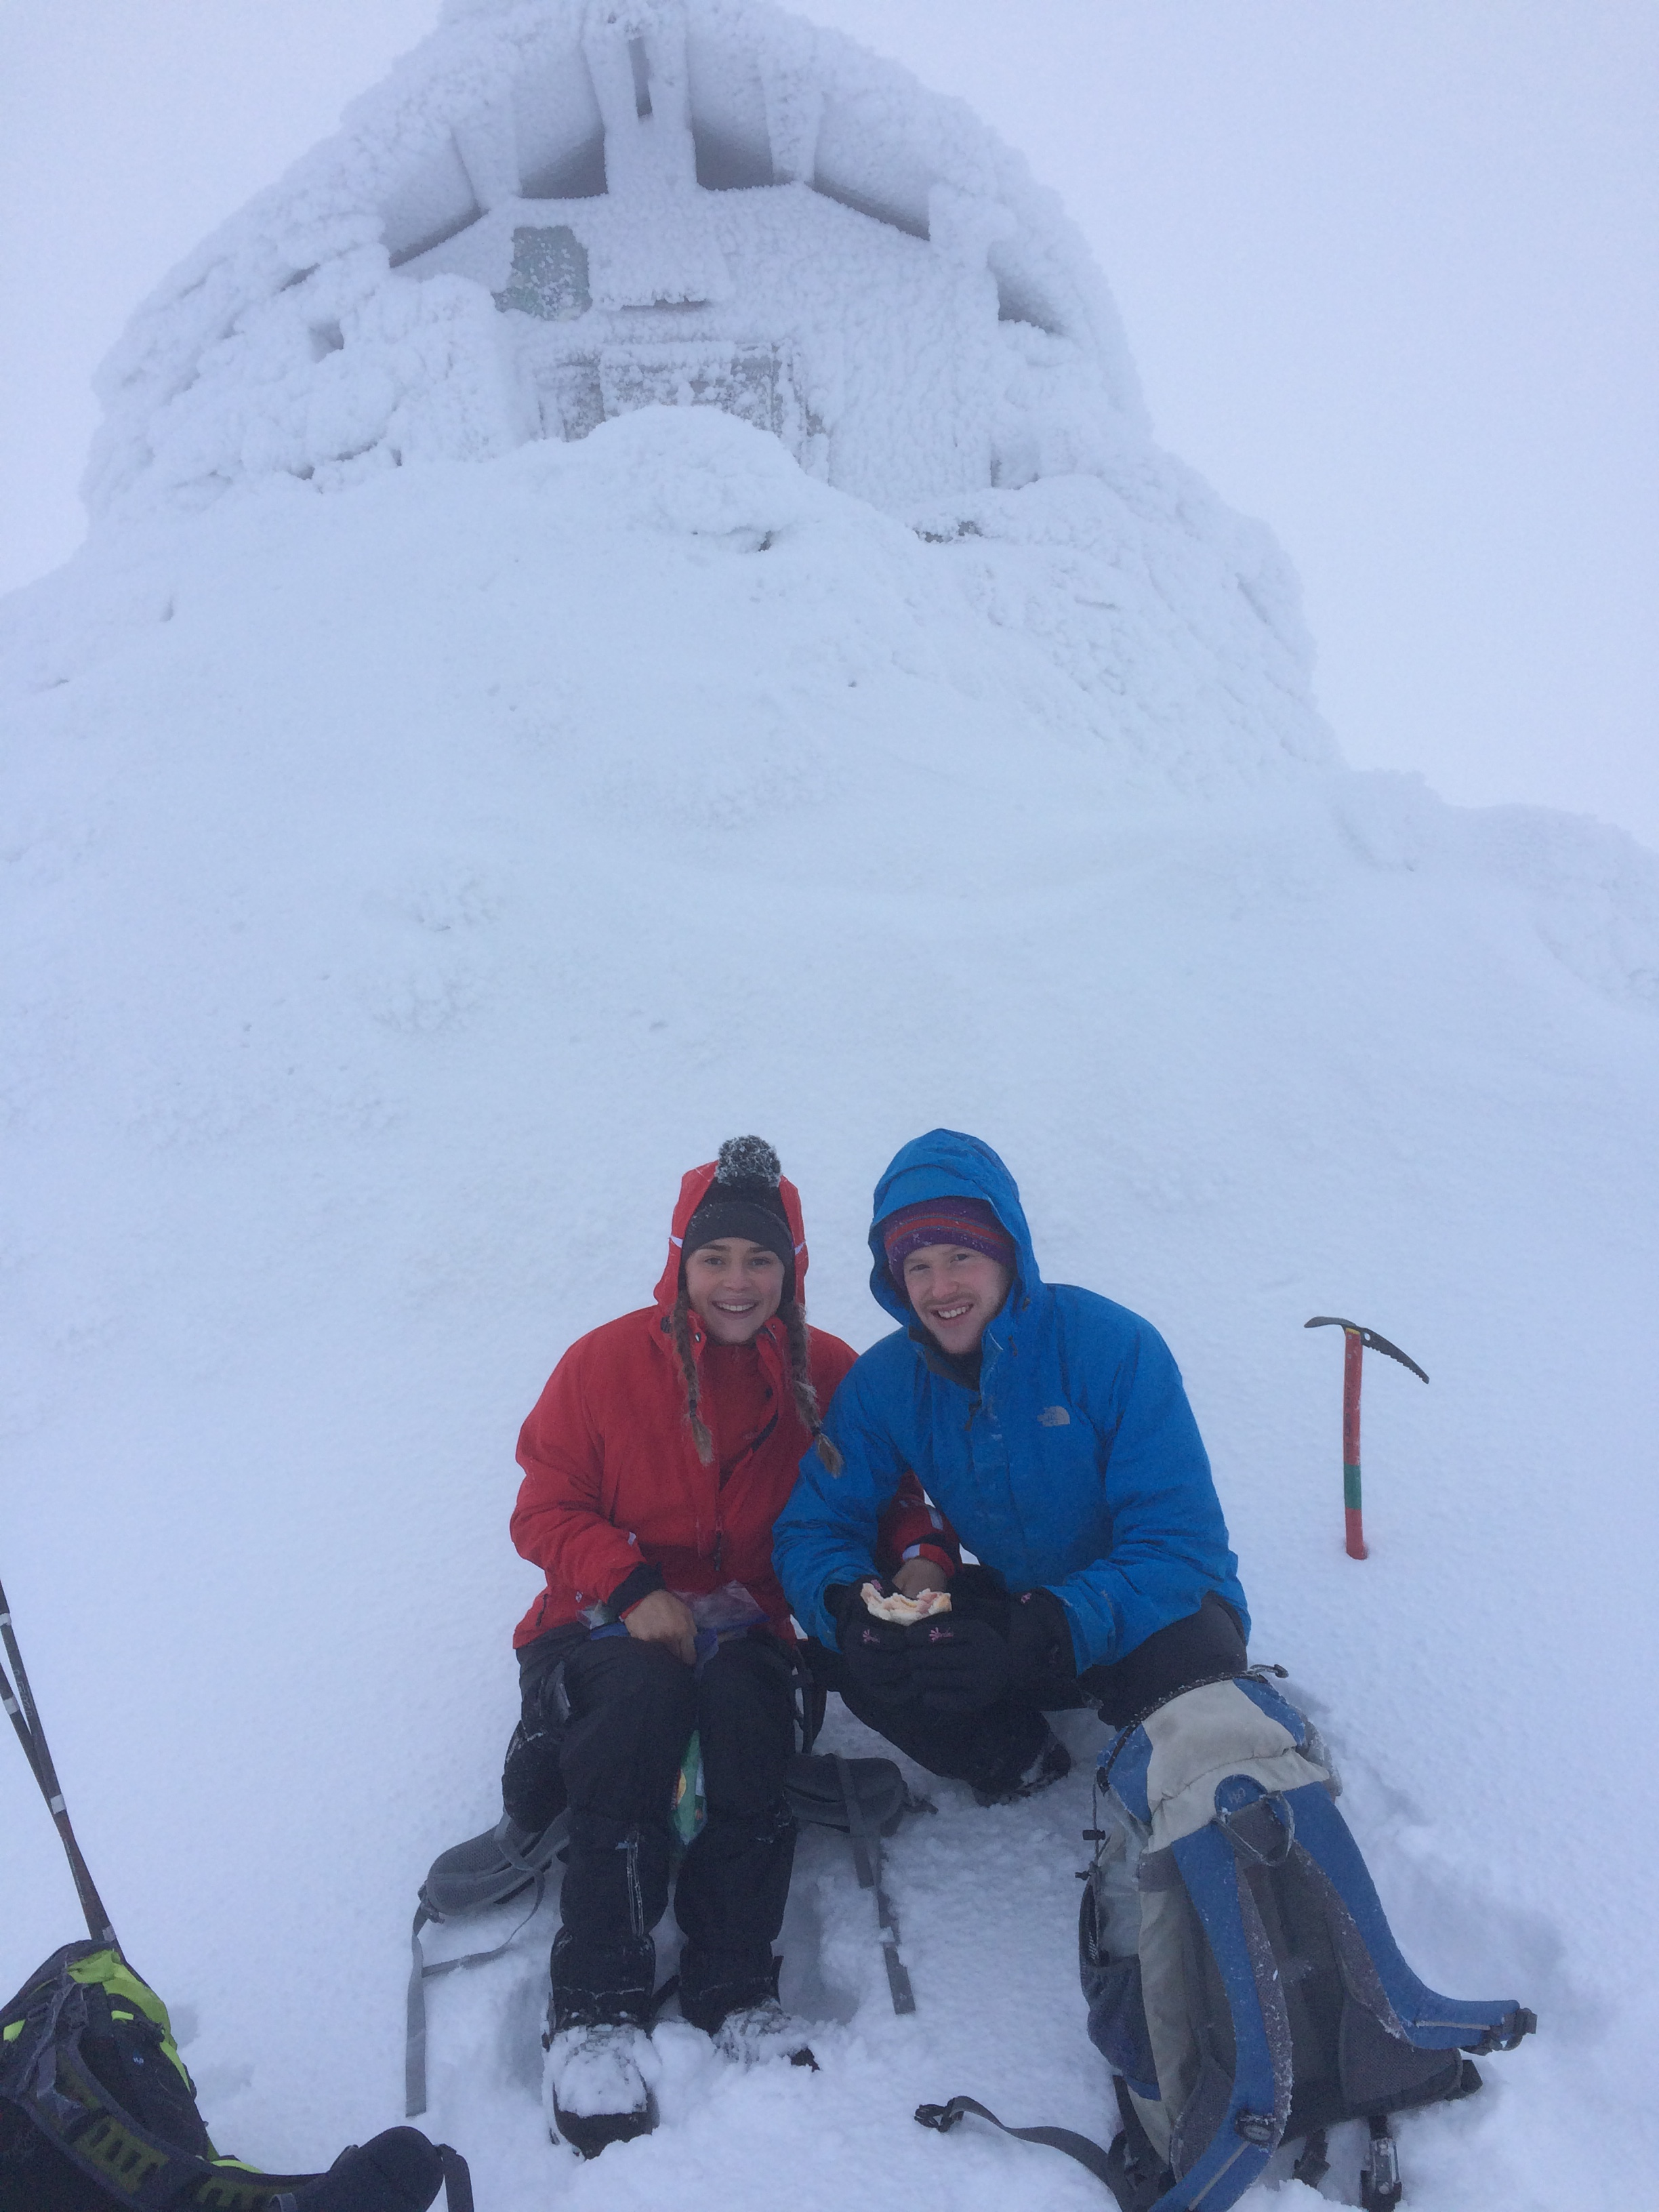 Ben Nevis Winter Ascent, Ben Nevis Winter Guide, Ben Nevis Mountain Guide, Ben Nevis Winter Climb, Ben Nevis Winter Walk, Climb Ben Nevis in Winter